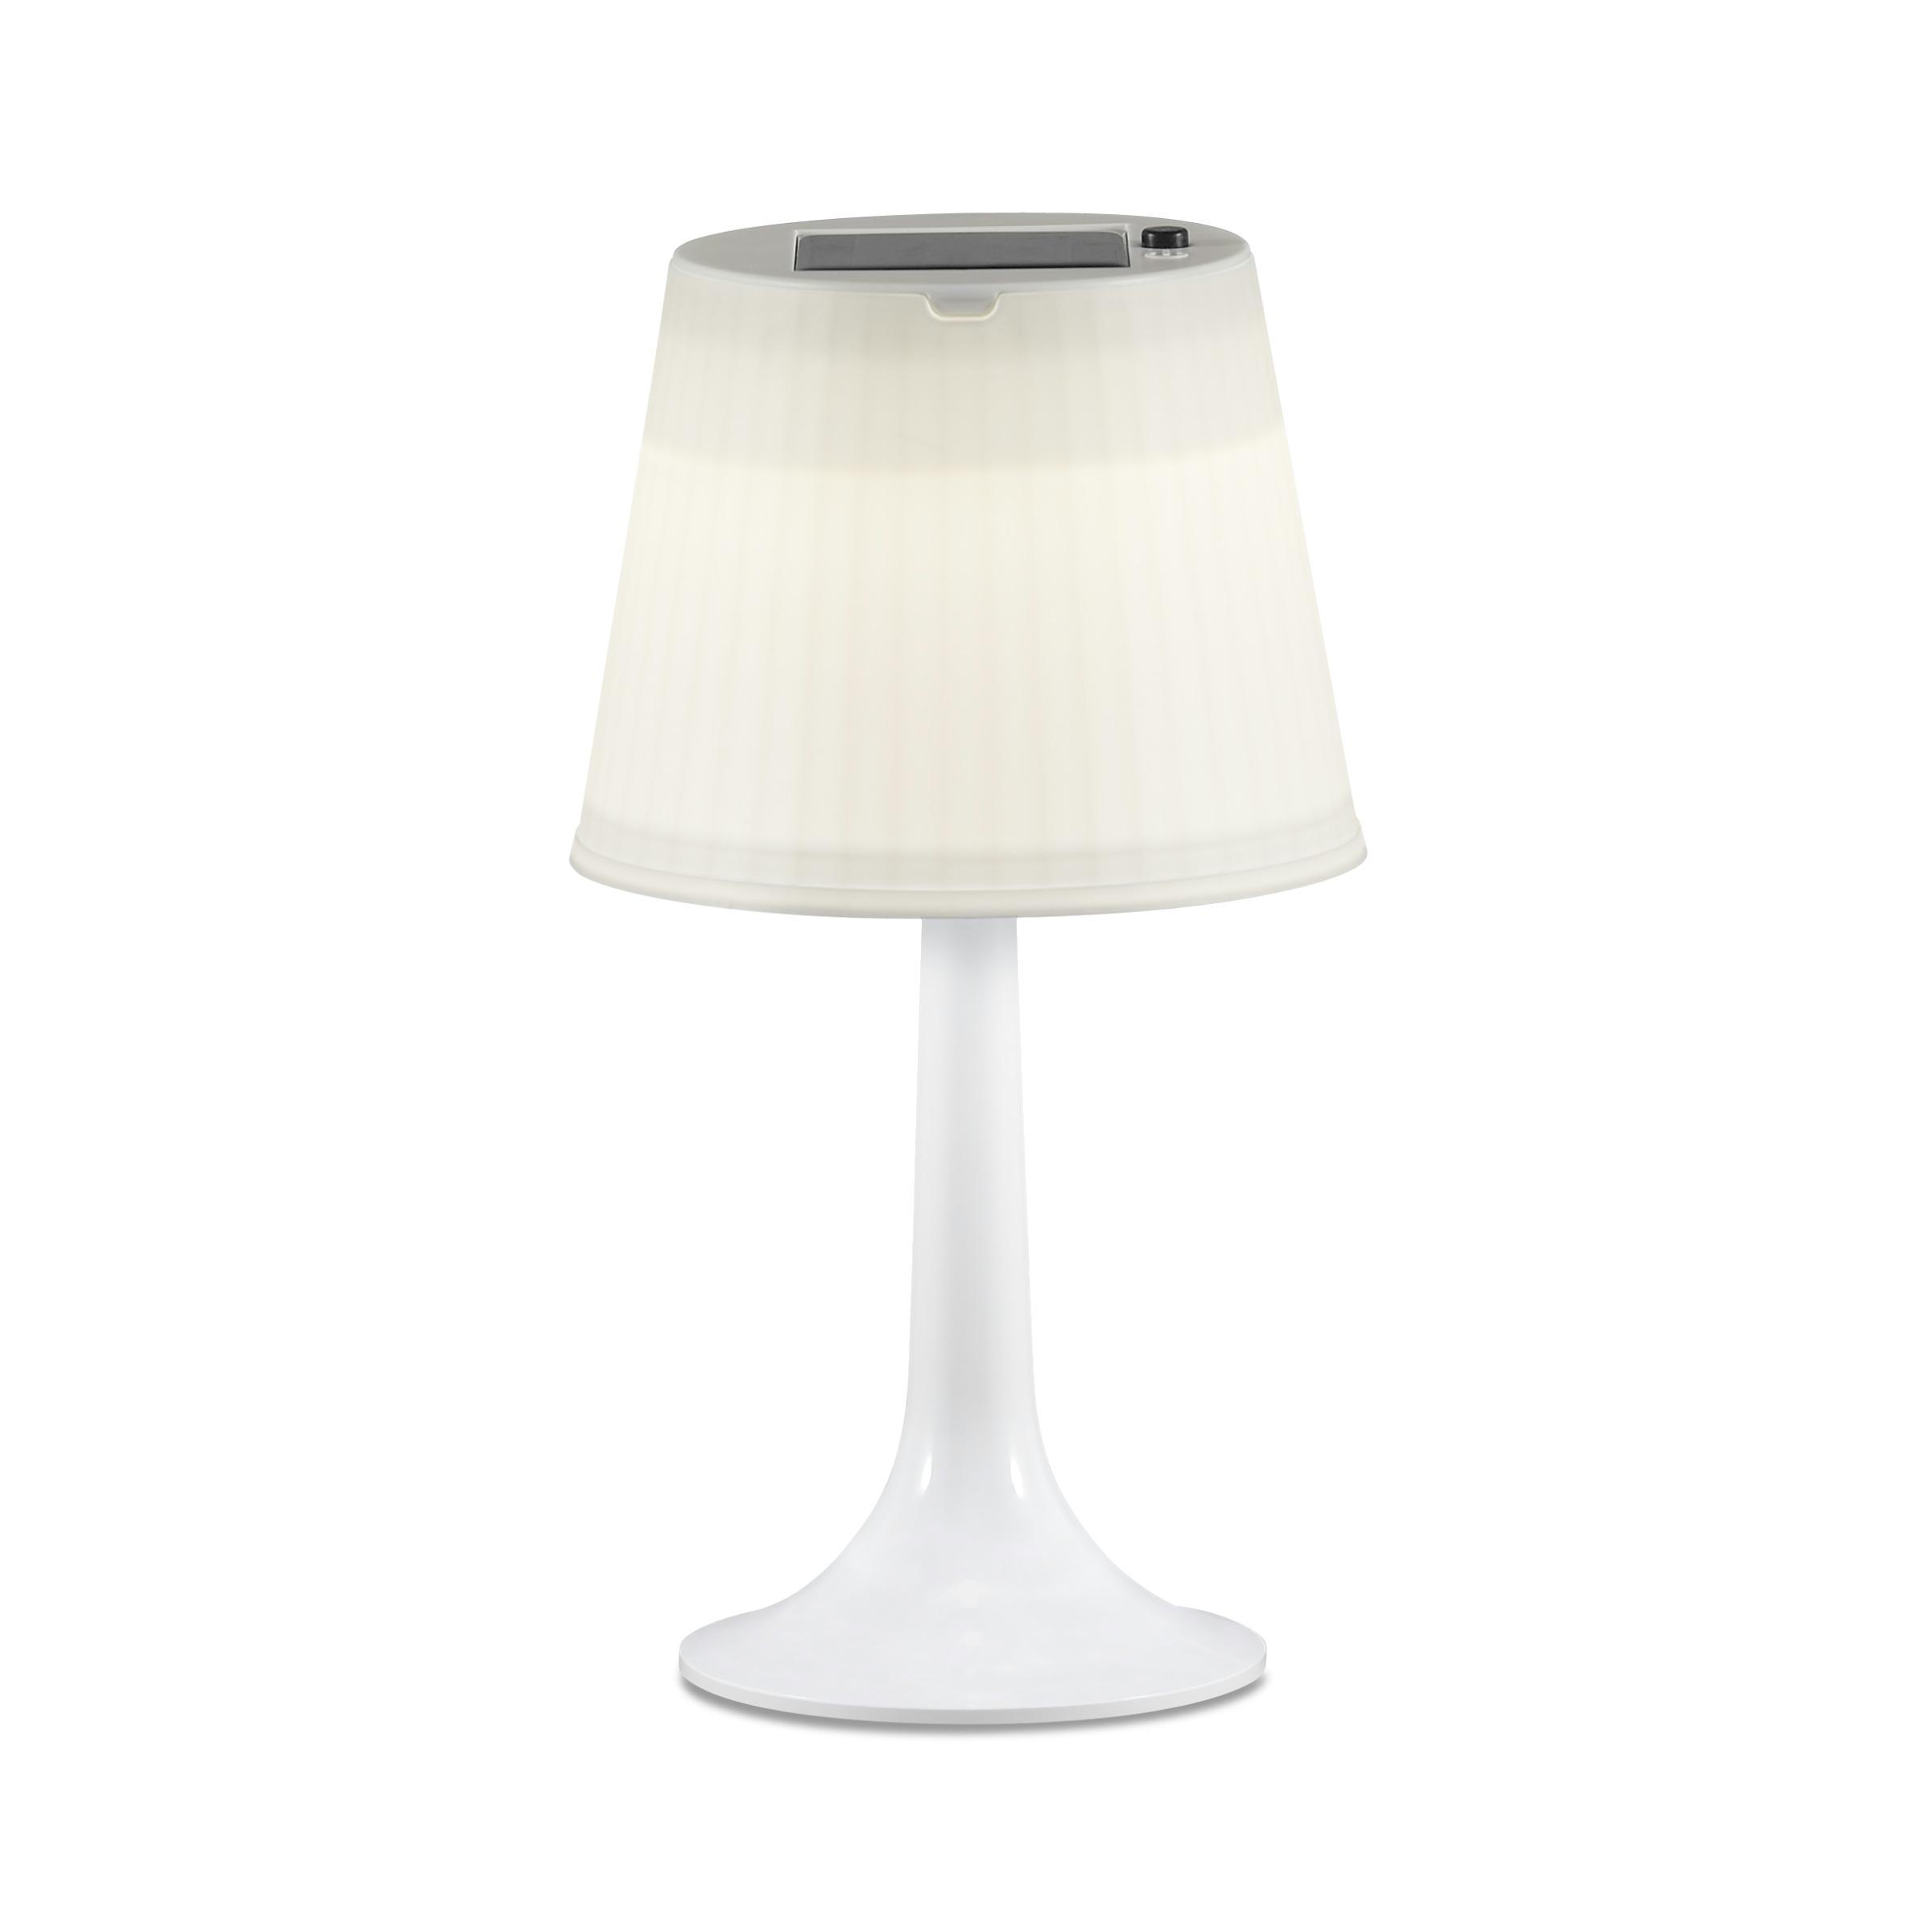 Solar tafellamp met LED verlichting Wit